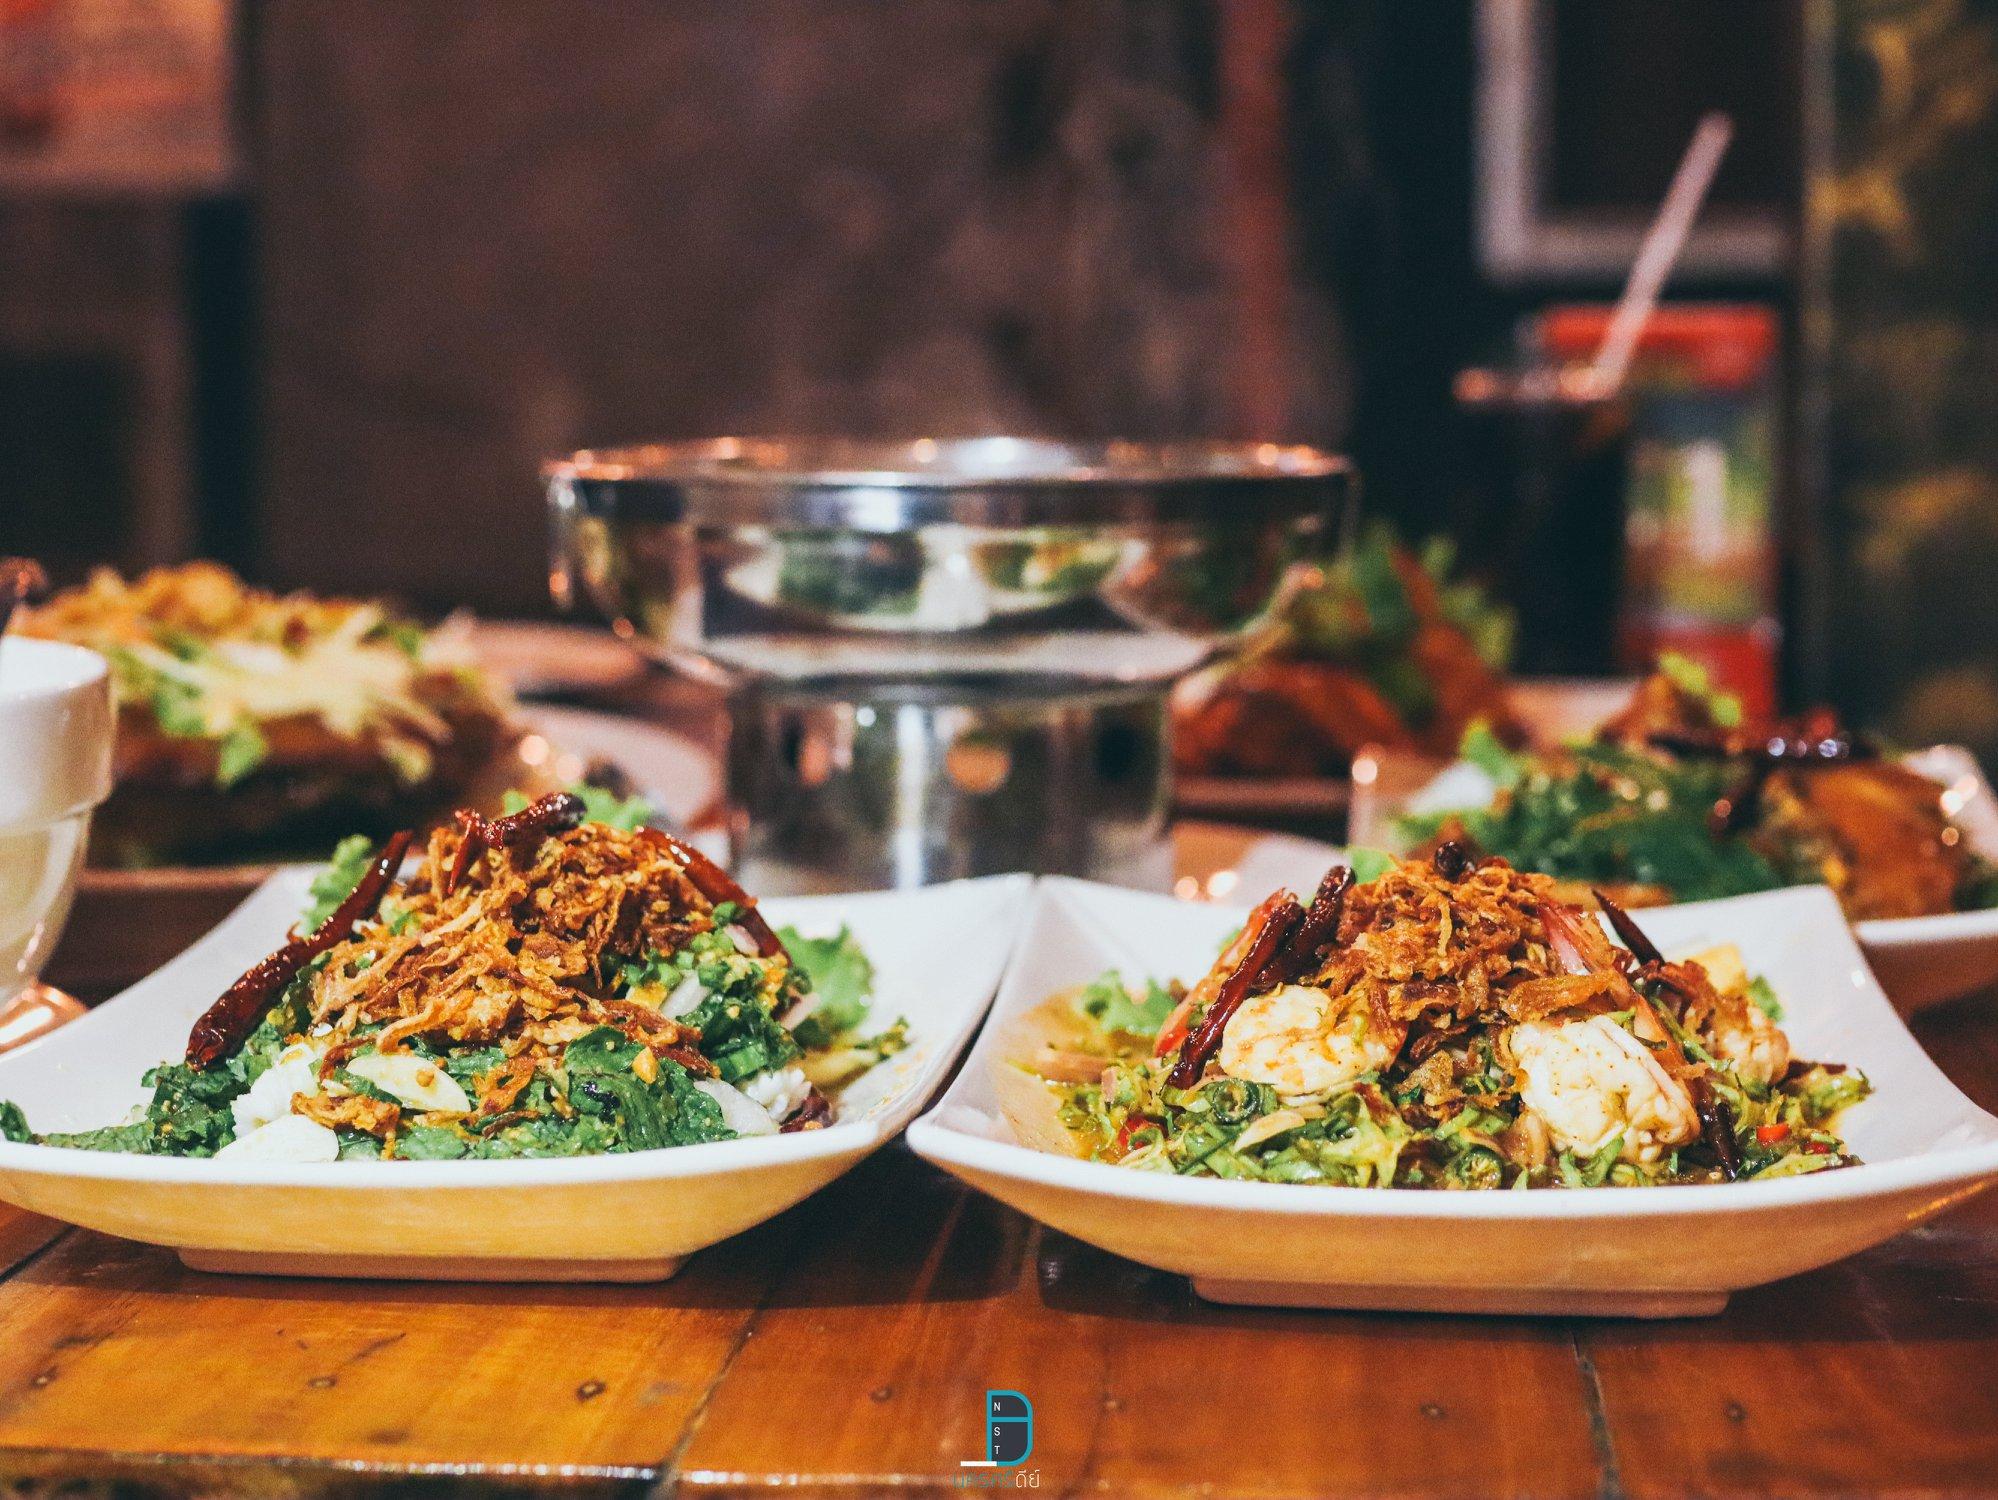 ร้านอาหารสุดสวย อำเภอเมืองนครศรีธรรมราช ตู้เสบียง ห้องครัวของคนนคร อร่อยเด็ด นครศรีดีย์